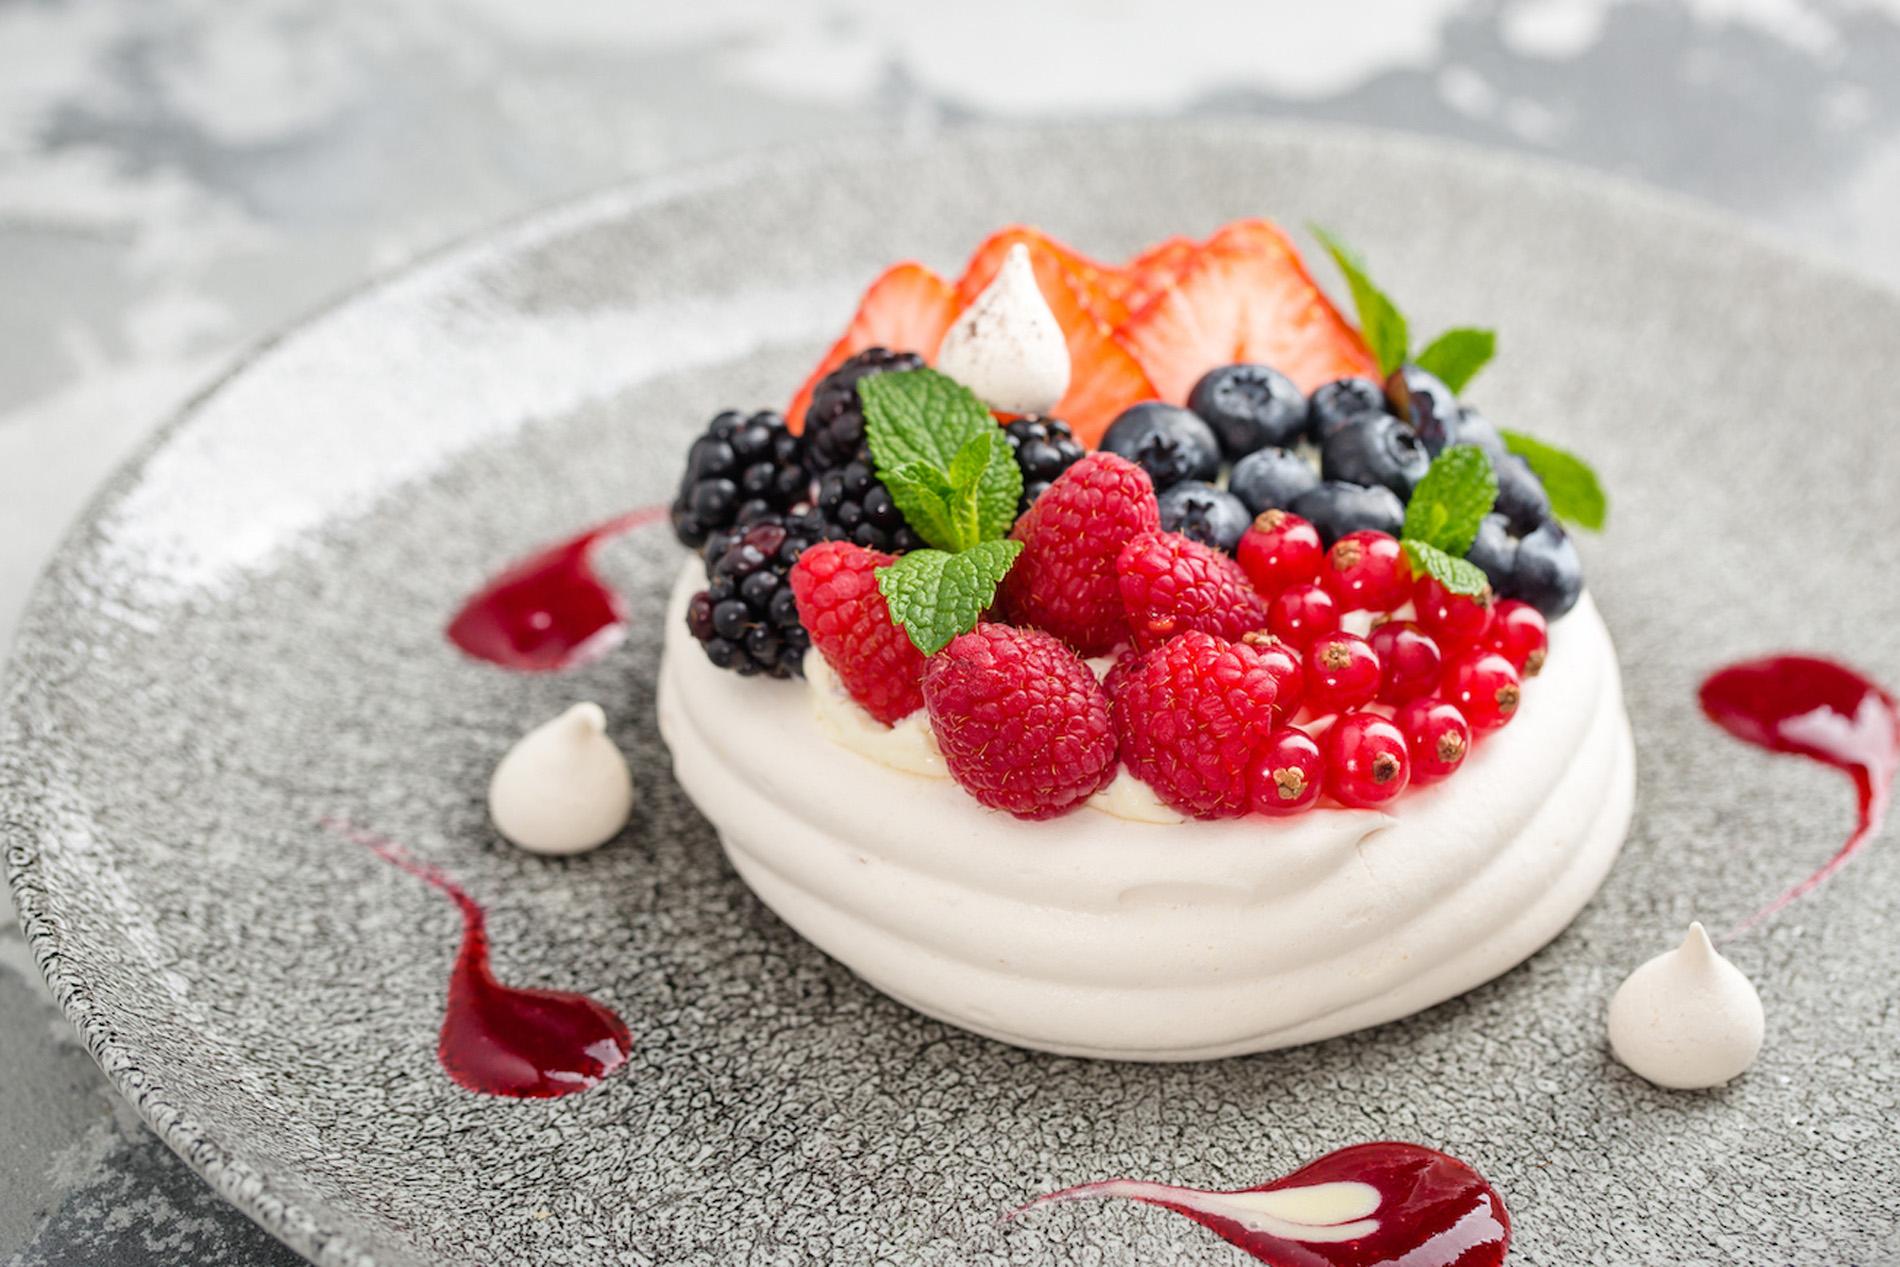 Десерт Павлова с нежным сливочным кремом и лесной ягодой